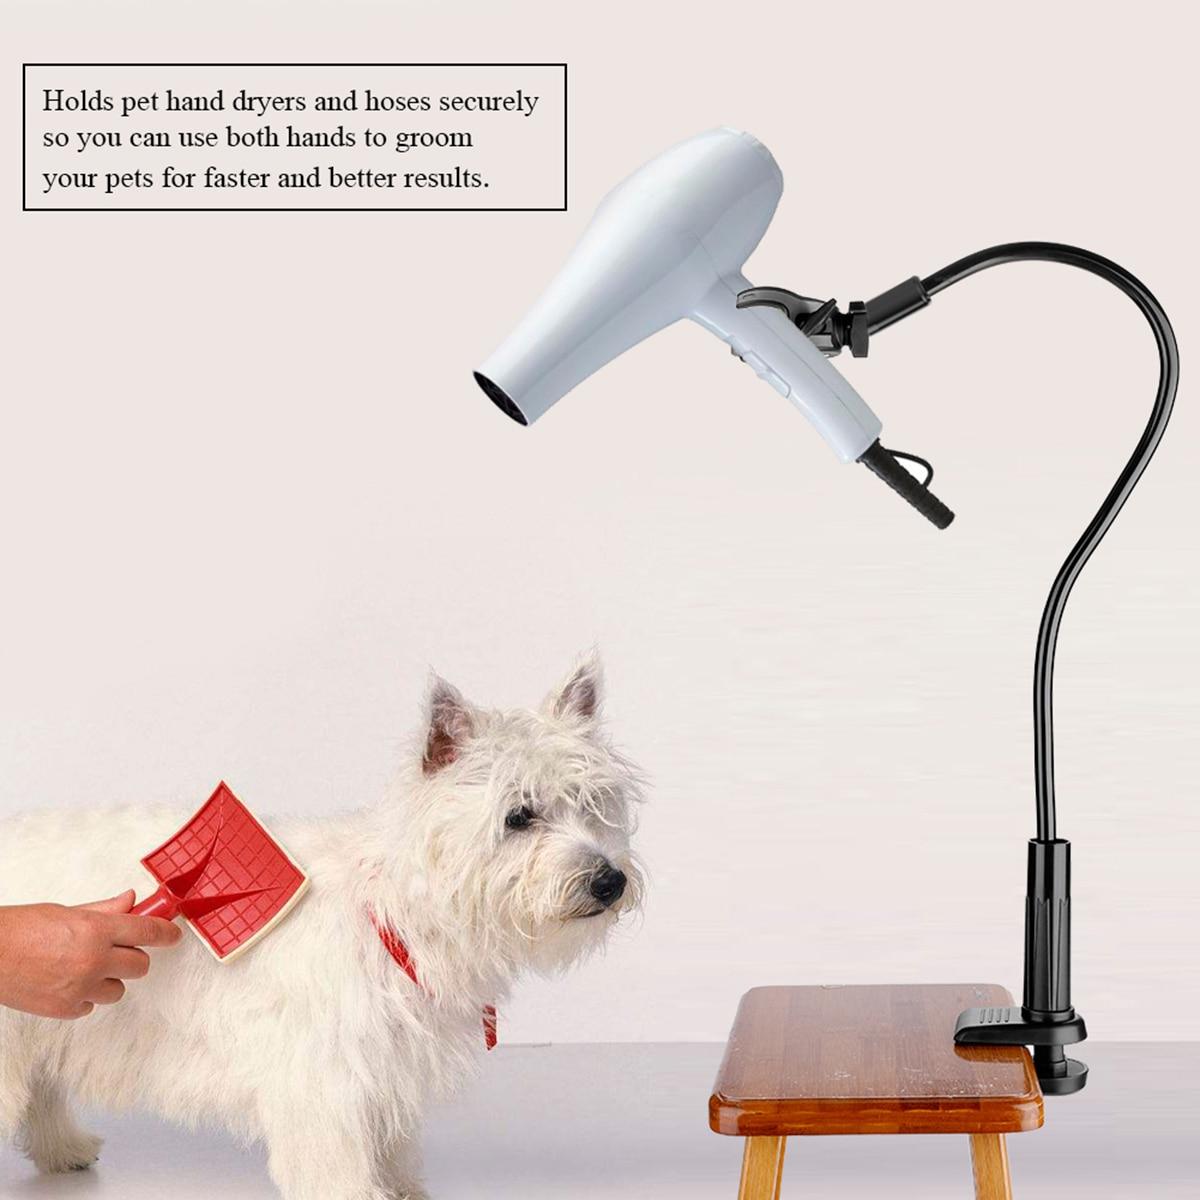 Nosii Venta caliente secador de mascotas perros gatos aseo Mesa brazos secador de pelo abrazadera 3 estilos aseo Clip soporte marco tirantes